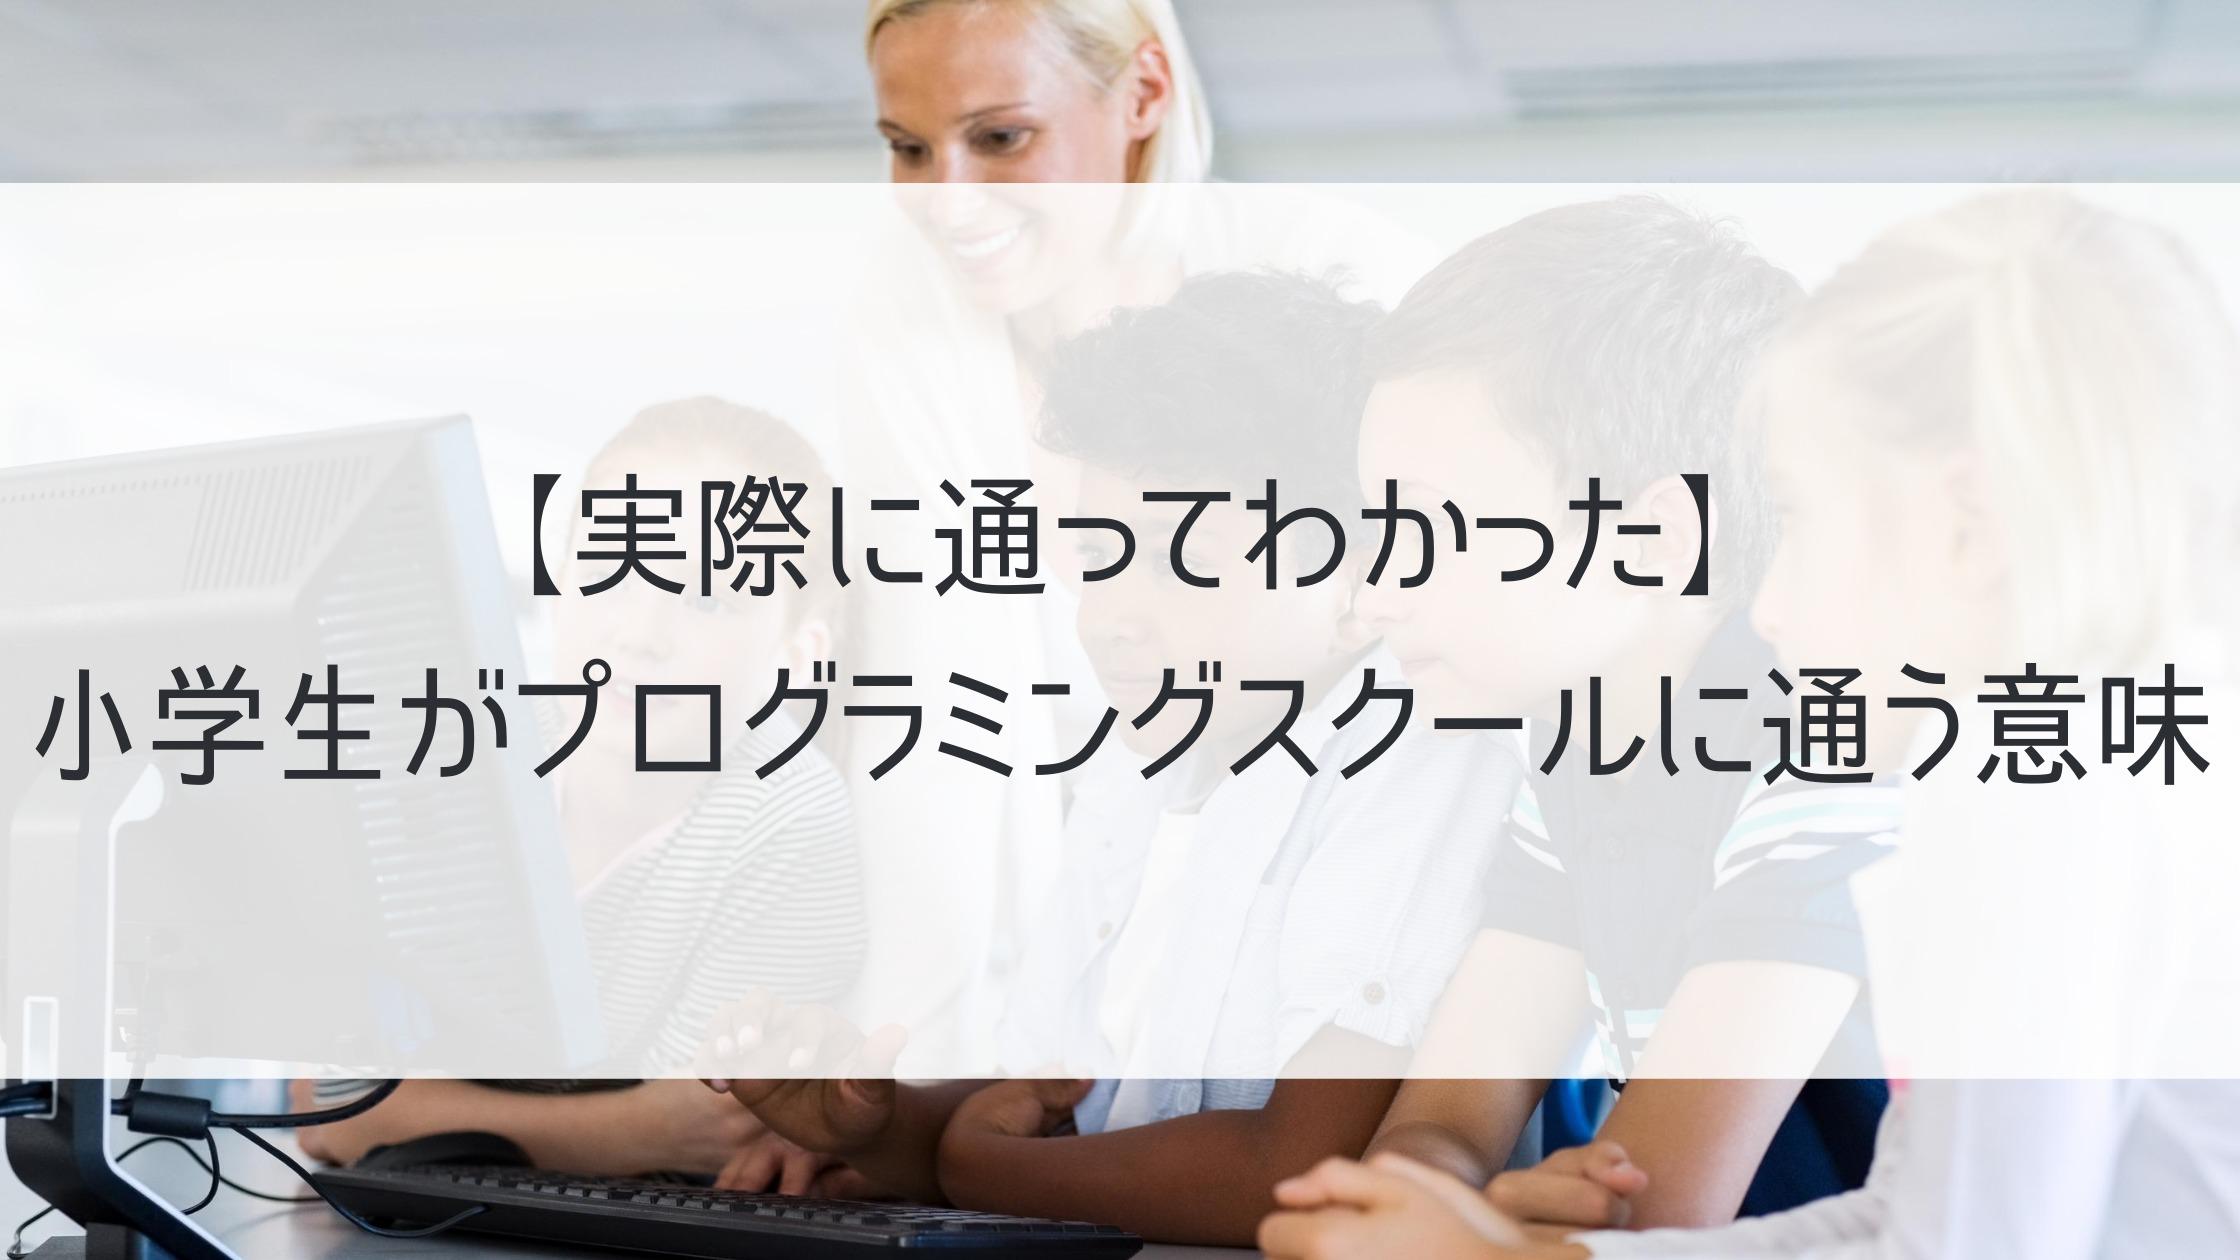 小学生がプログラミングスクールに通う意味